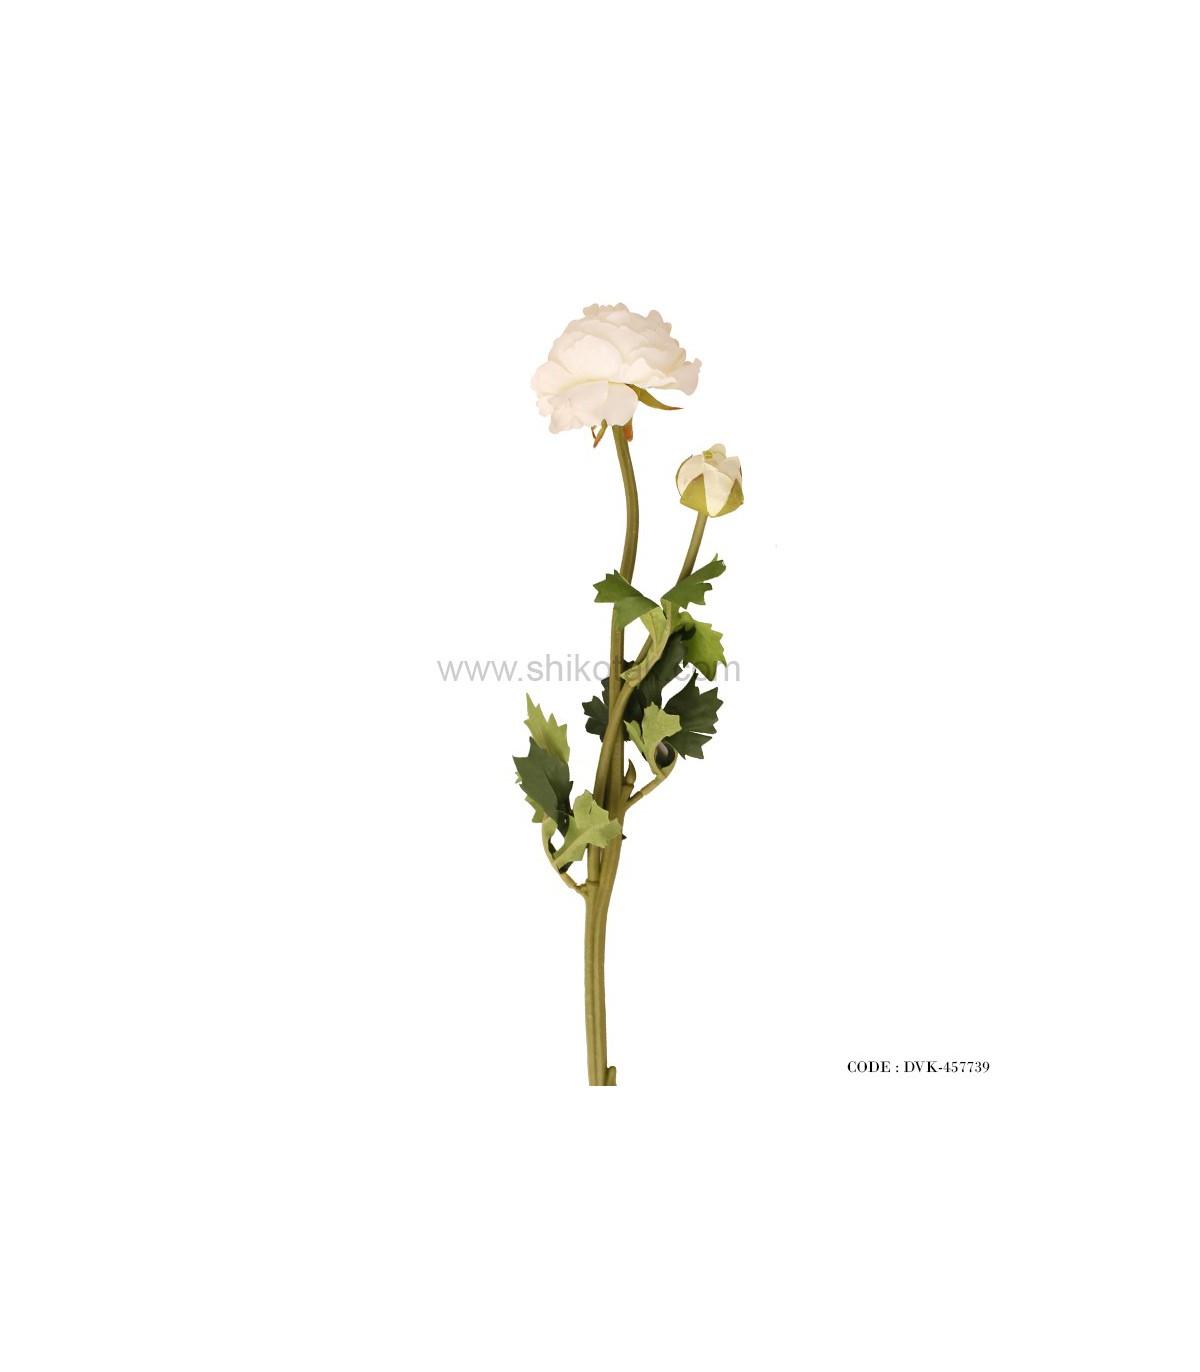 گل مصنوعی رز هلندی